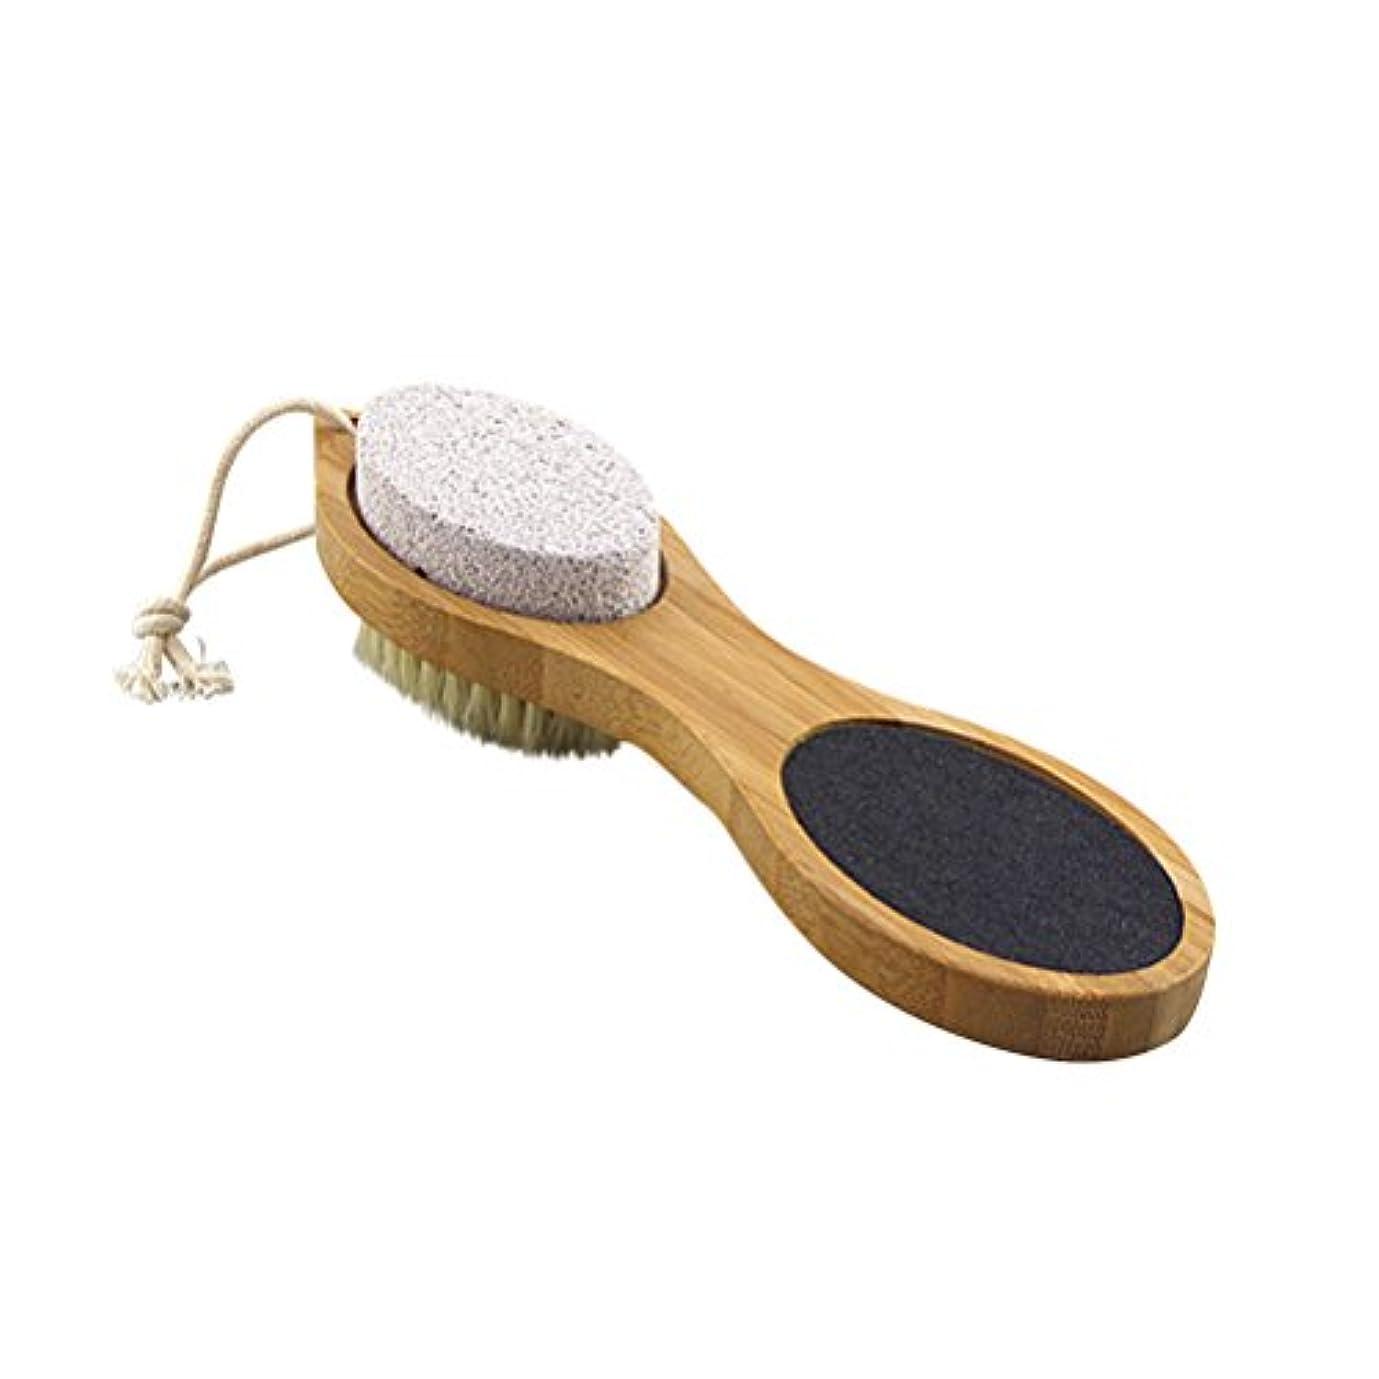 モバイル休憩信頼性のあるULTNICE 足ブラシ 角質除去 毛ブラシ?砂ブラシ?軽石ブラシ?鋼ブラシ ボディブラシ フットマッサージ